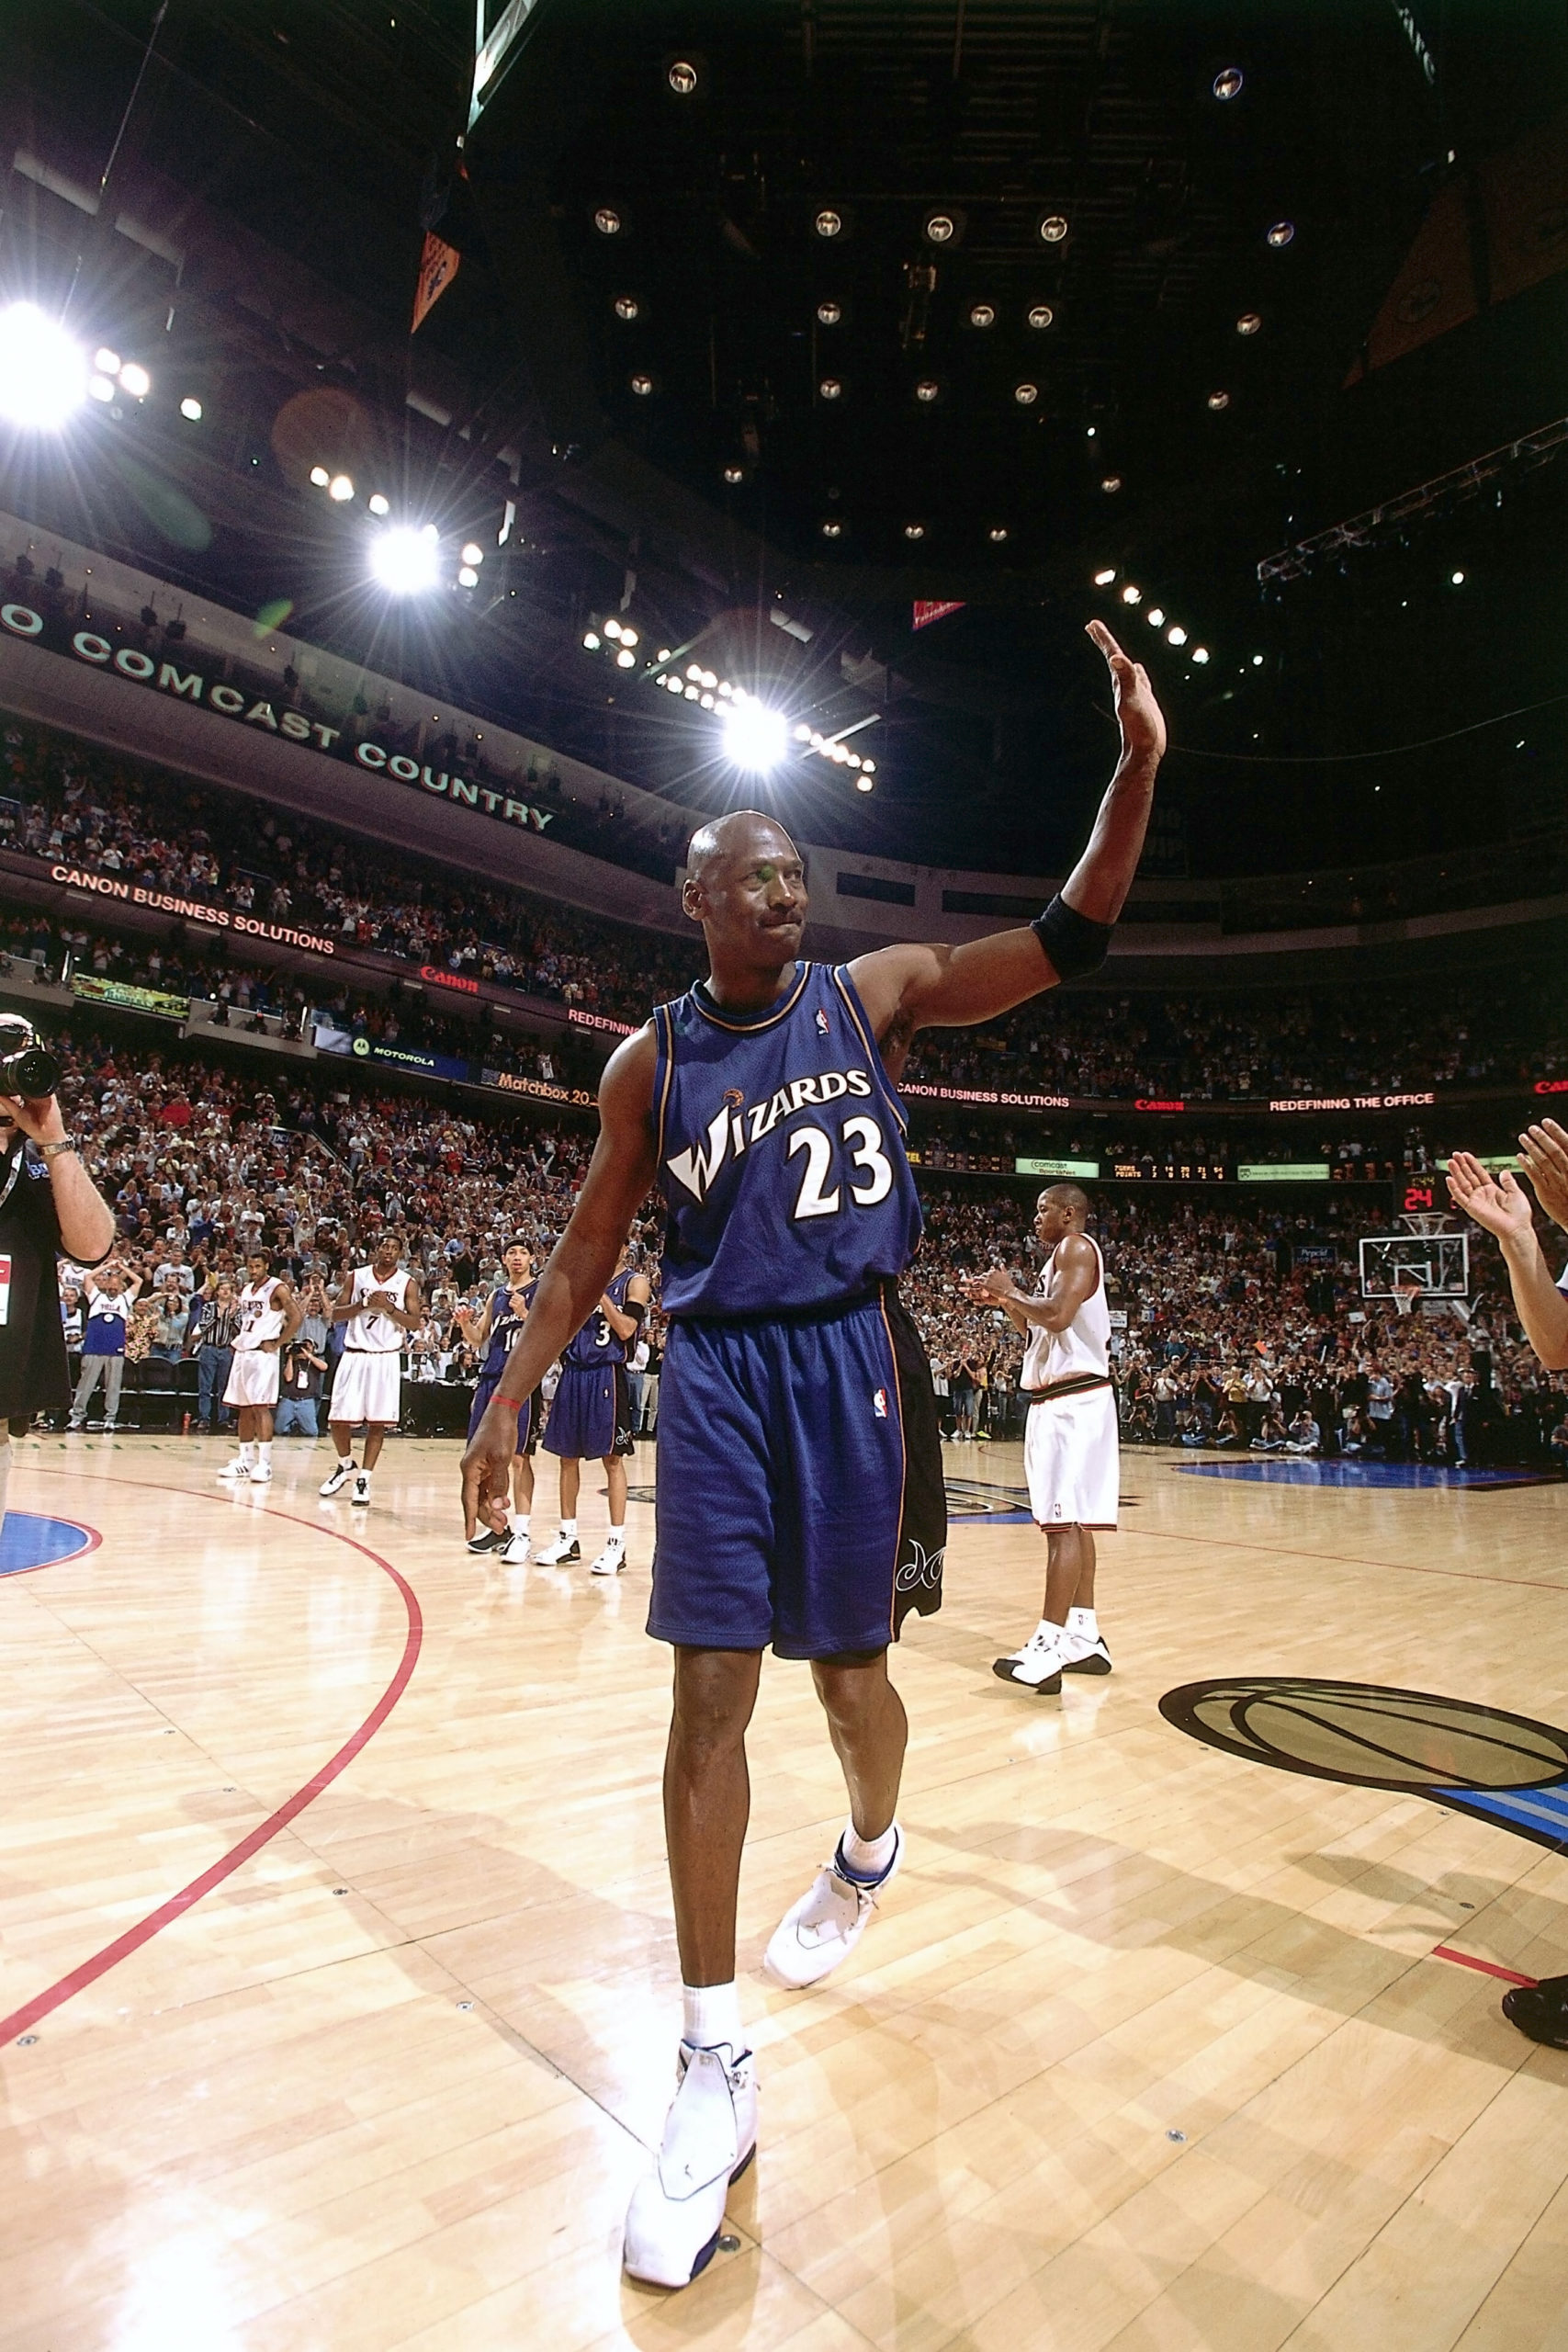 Майкл Джордан из Washington Wizards выходит на площадку для финальной игры НБА своей карьеры против Филадельфии 76